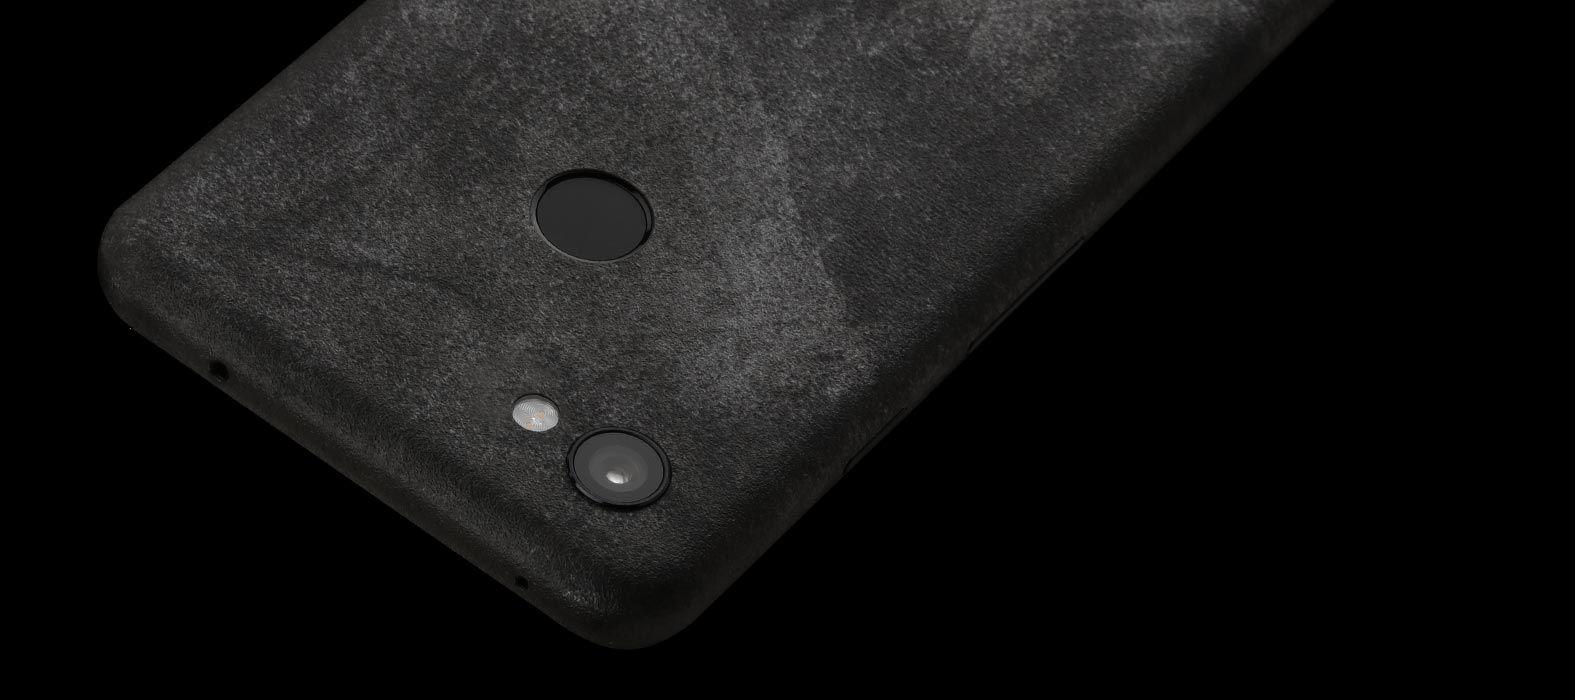 Pixel 3aXL Grunge Skins